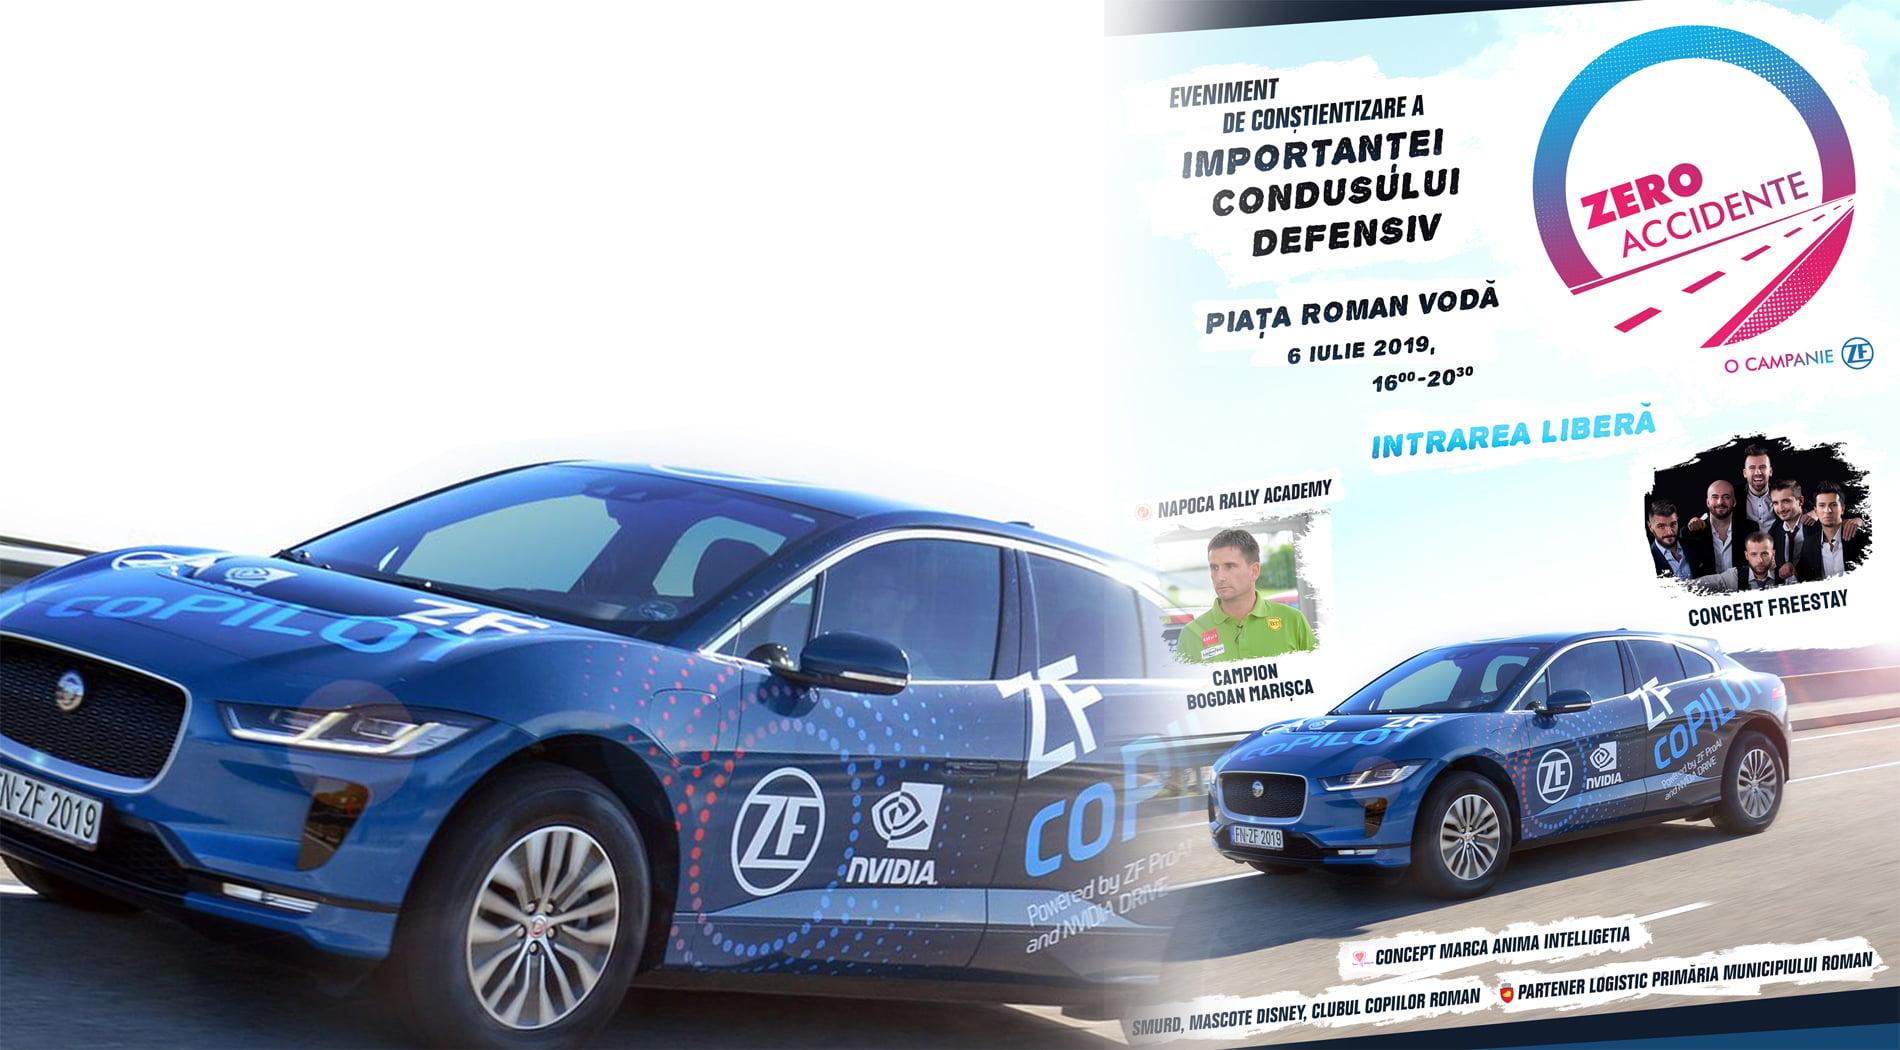 """Campionul Bogdan Marișca – Napoca Rally Academy vine la Roman în cadrul campaniei """"Zero Accidente"""", derulată de ZF și Anima Intelligentia"""